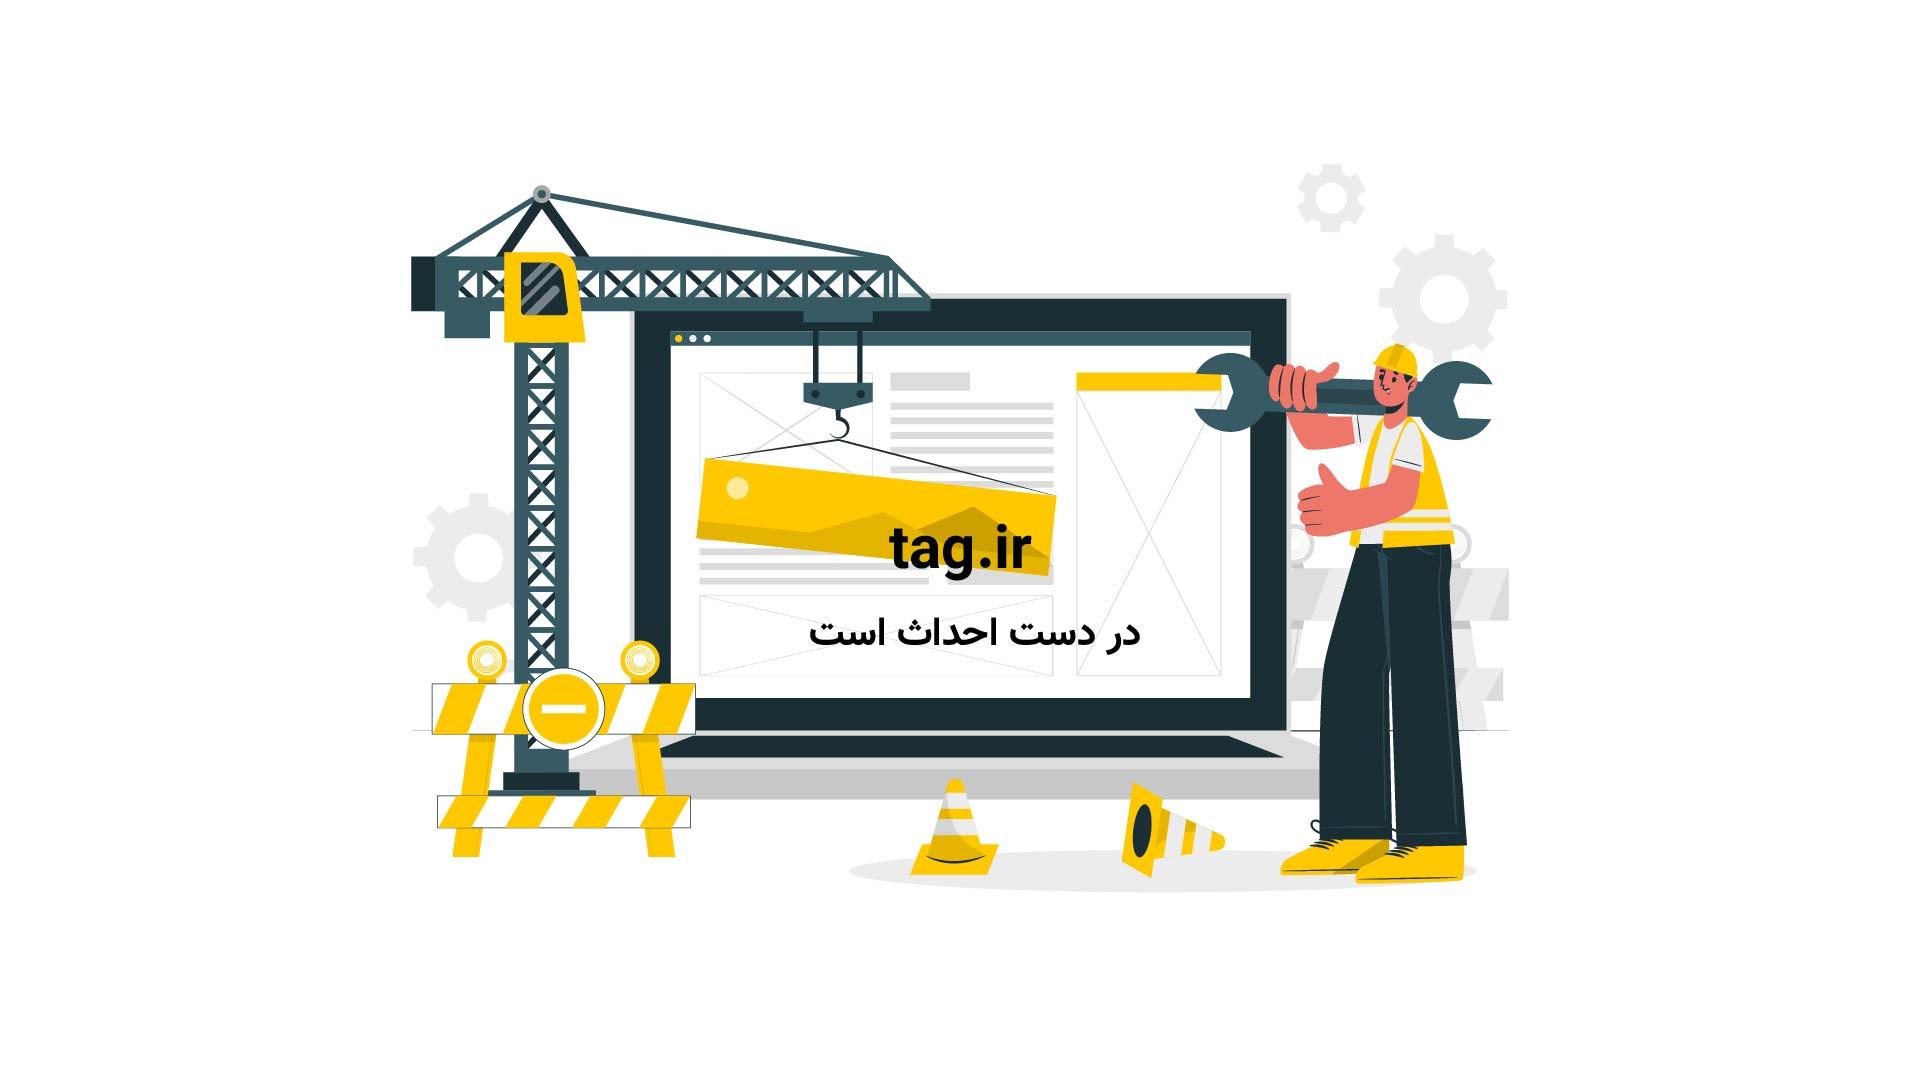 استندآپ کمدی مهران مدیری در رابطه با اختلافات مردم و دولت | فیلم